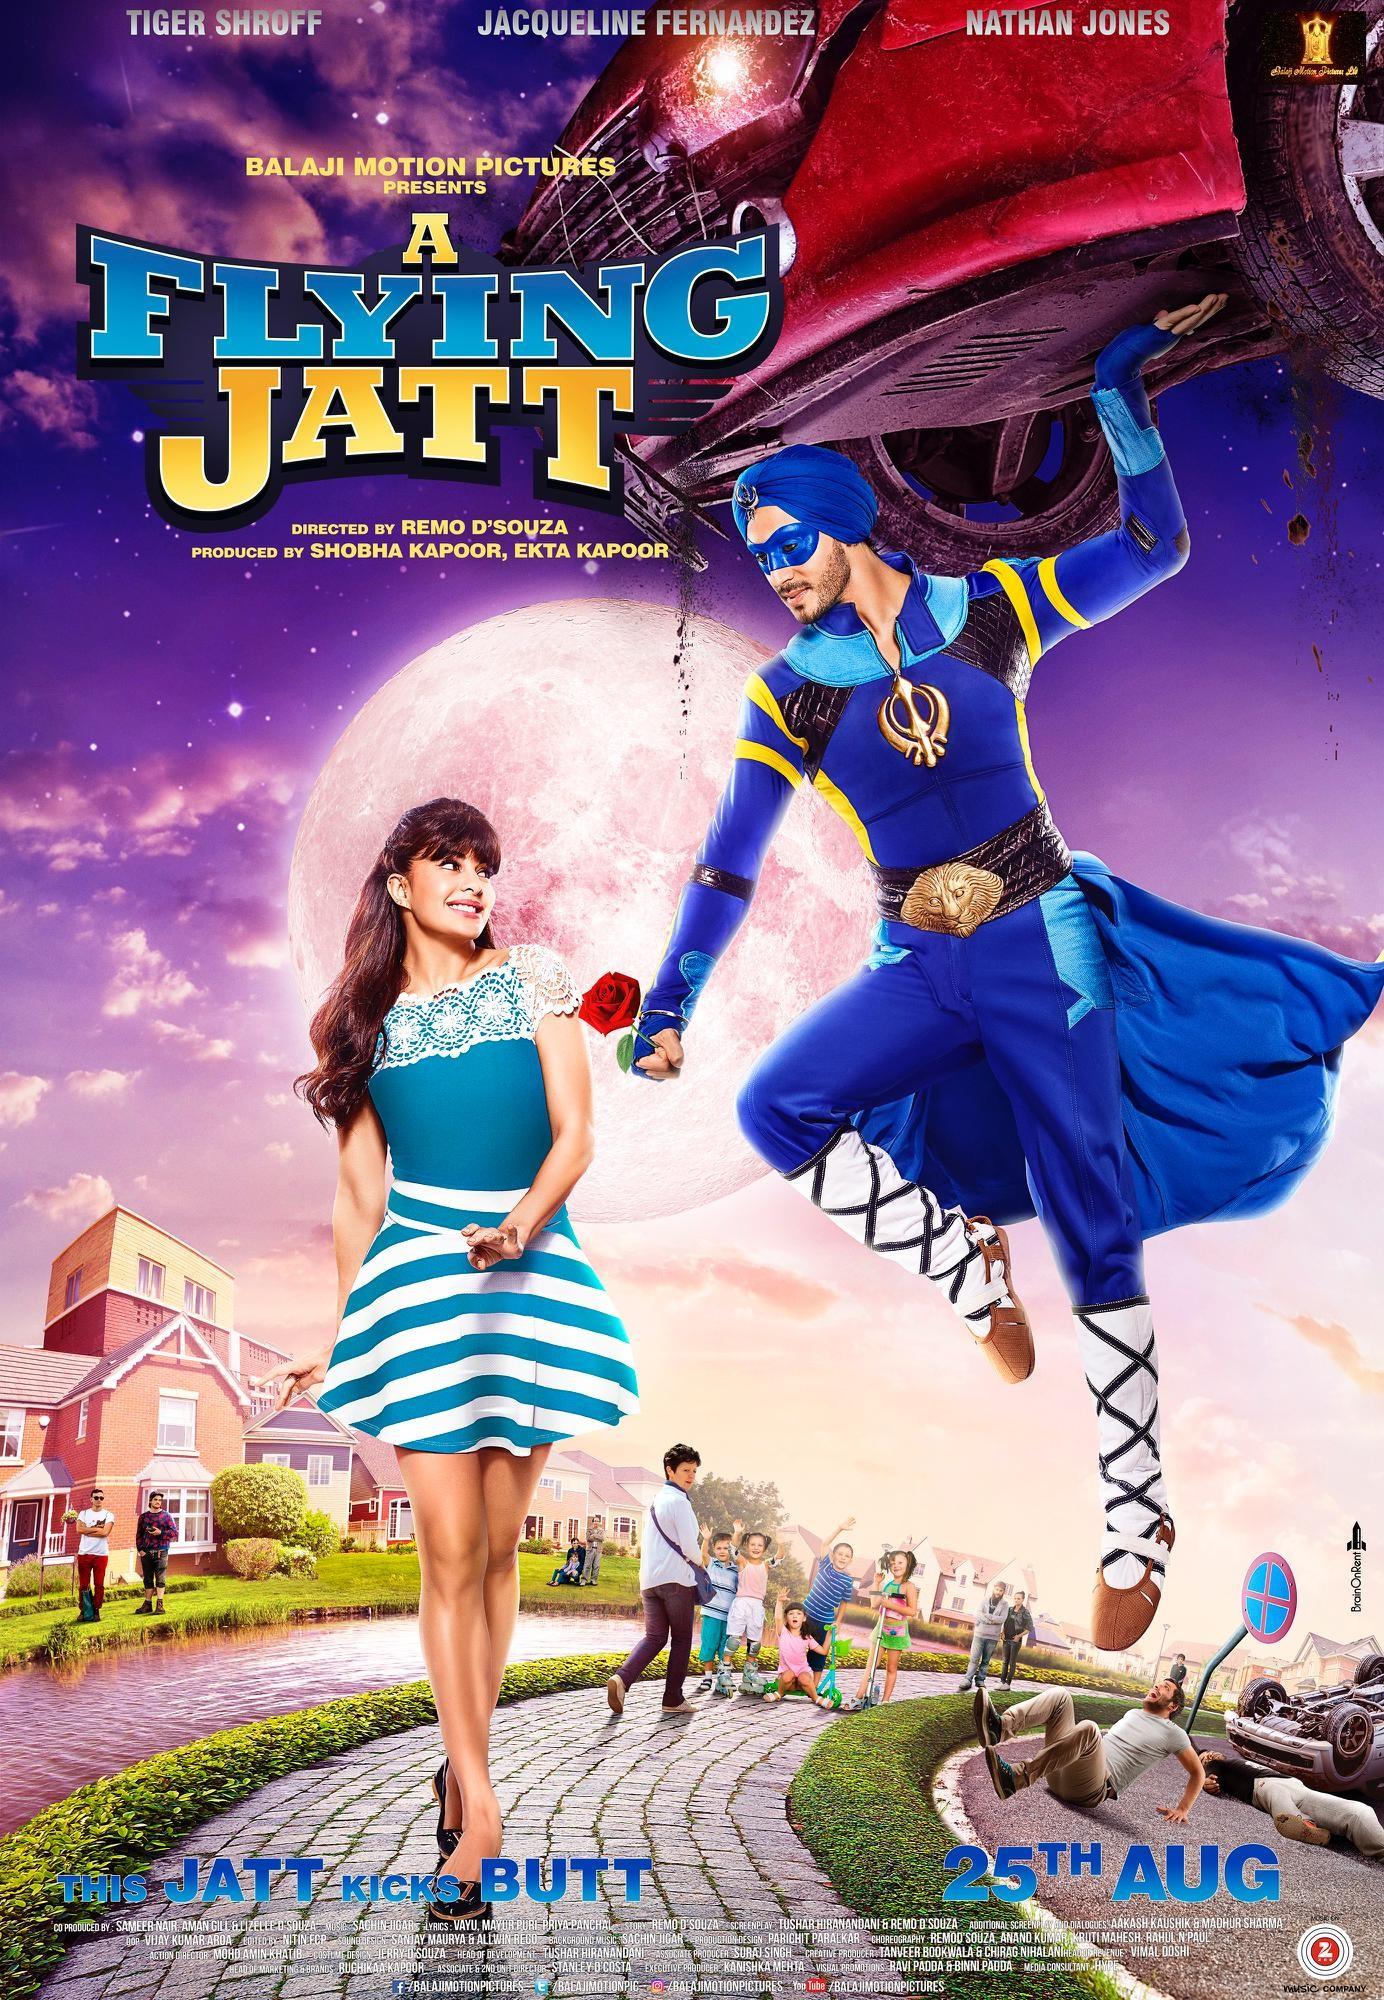 A Flying Jatt - Toota Jo Taara - Poster